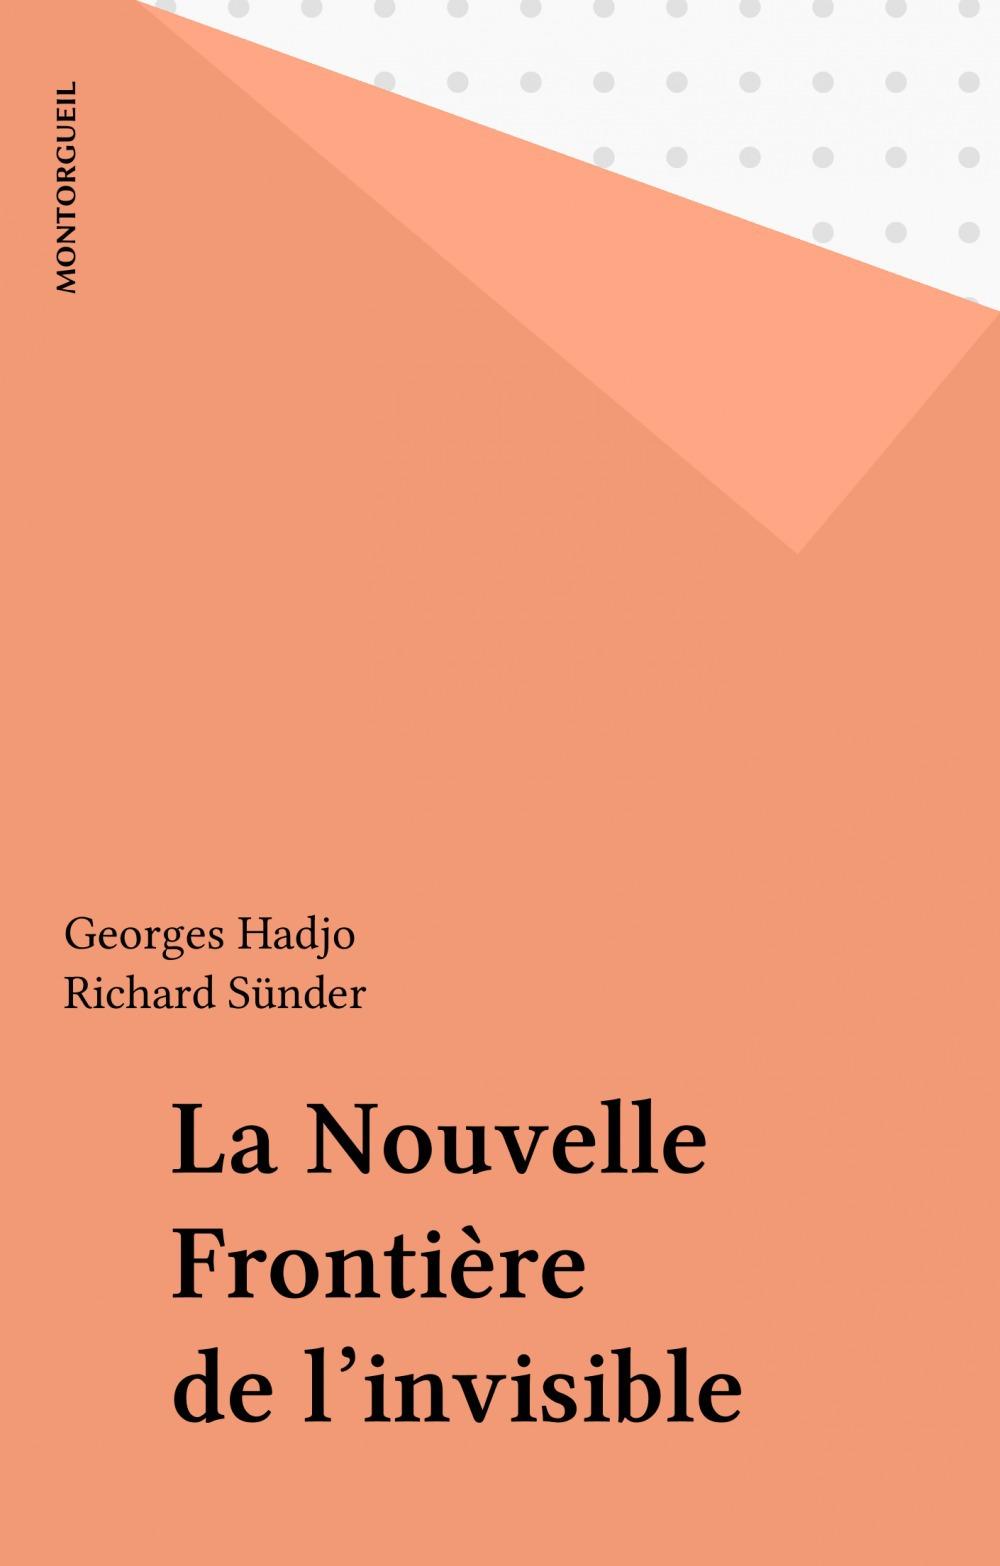 La Nouvelle Frontière de l'invisible